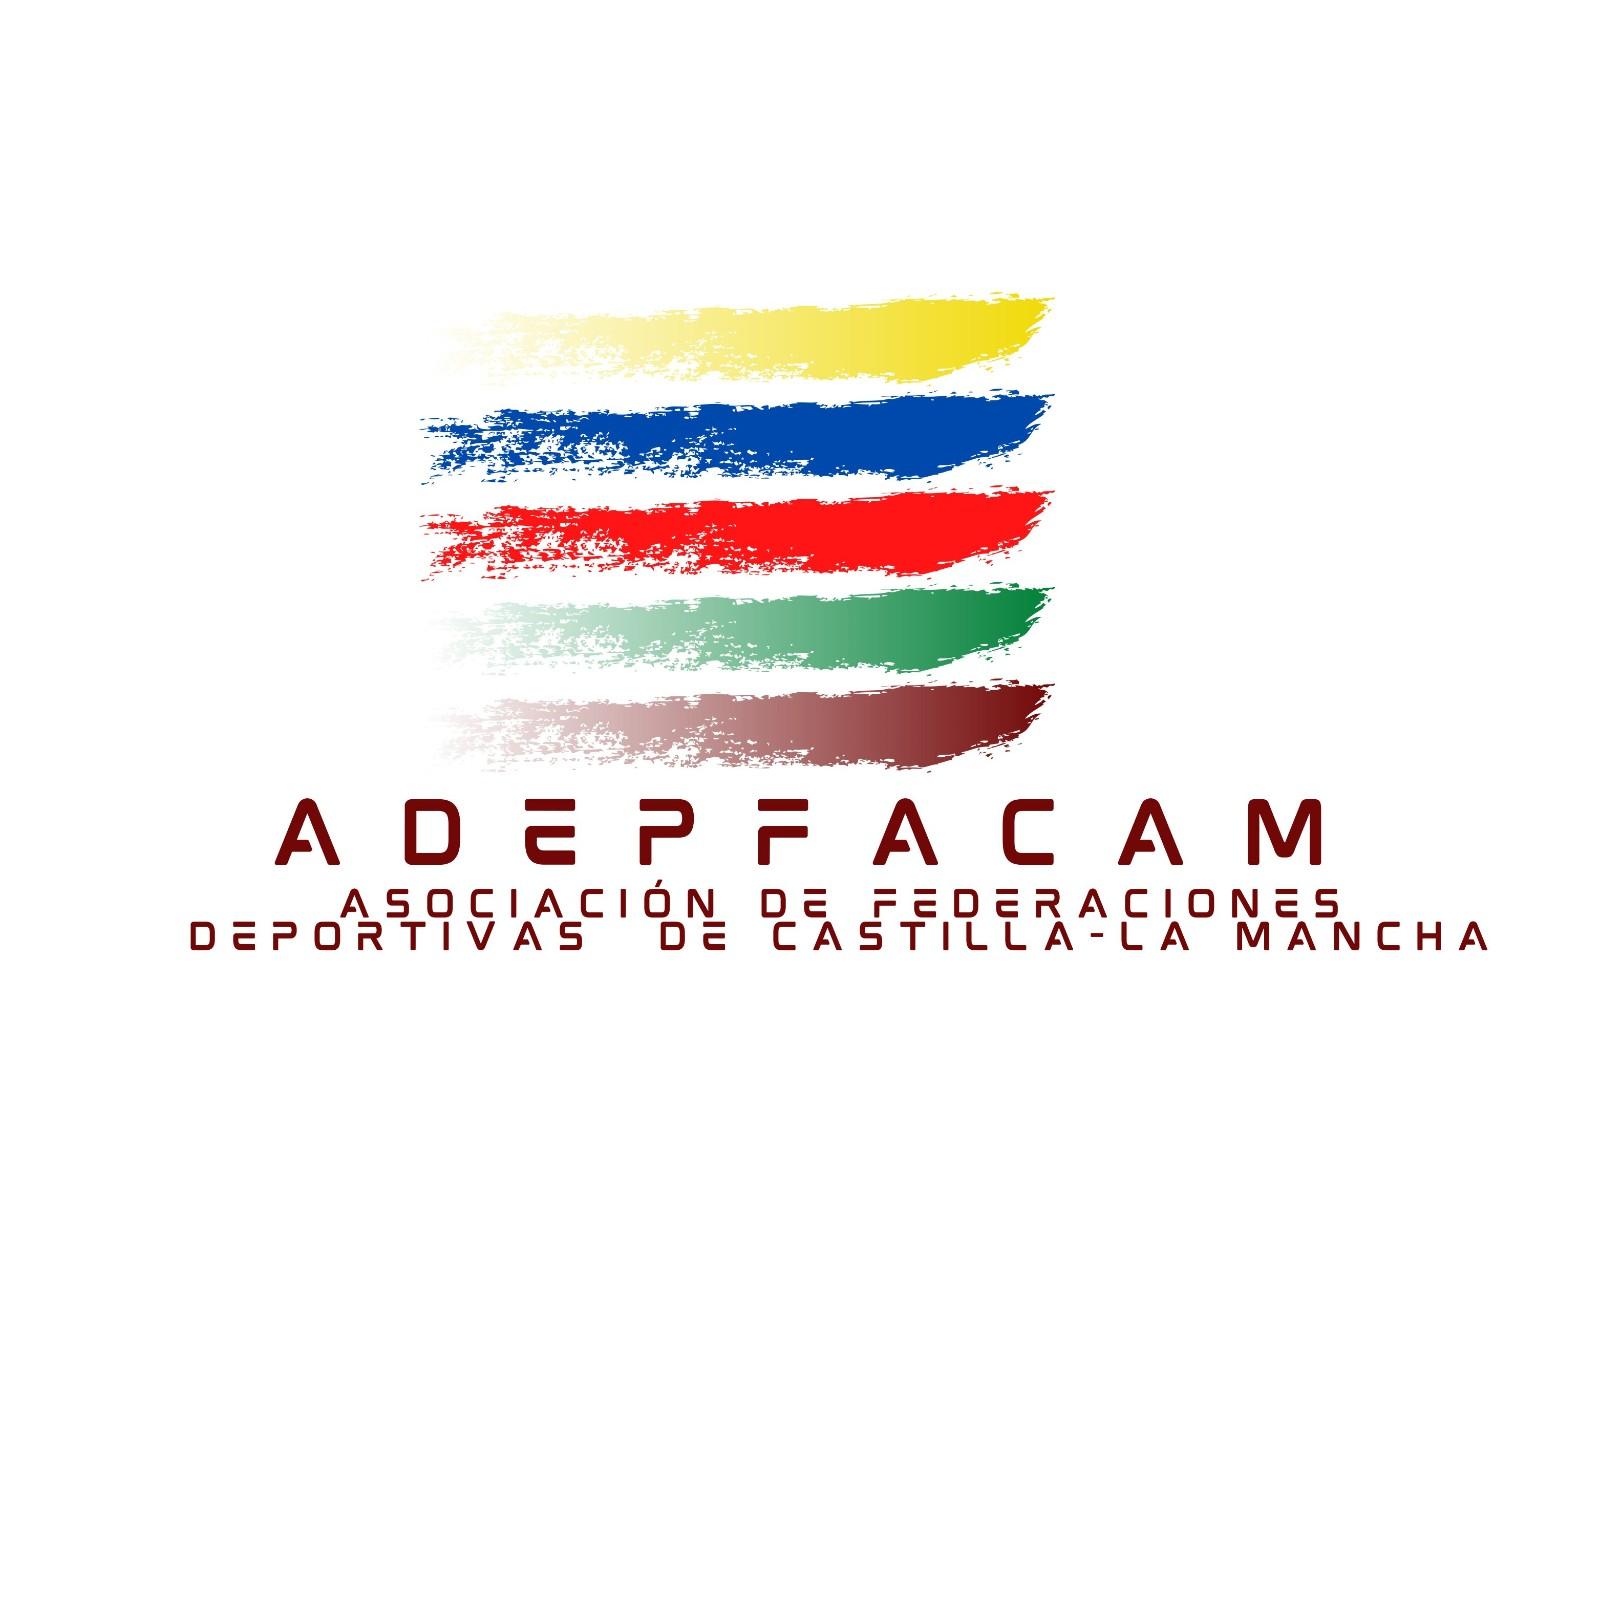 ASOCIACIÓN DE FEDERACIONES DE CASTILLA LA MANCHA - (ADEPFACAM)